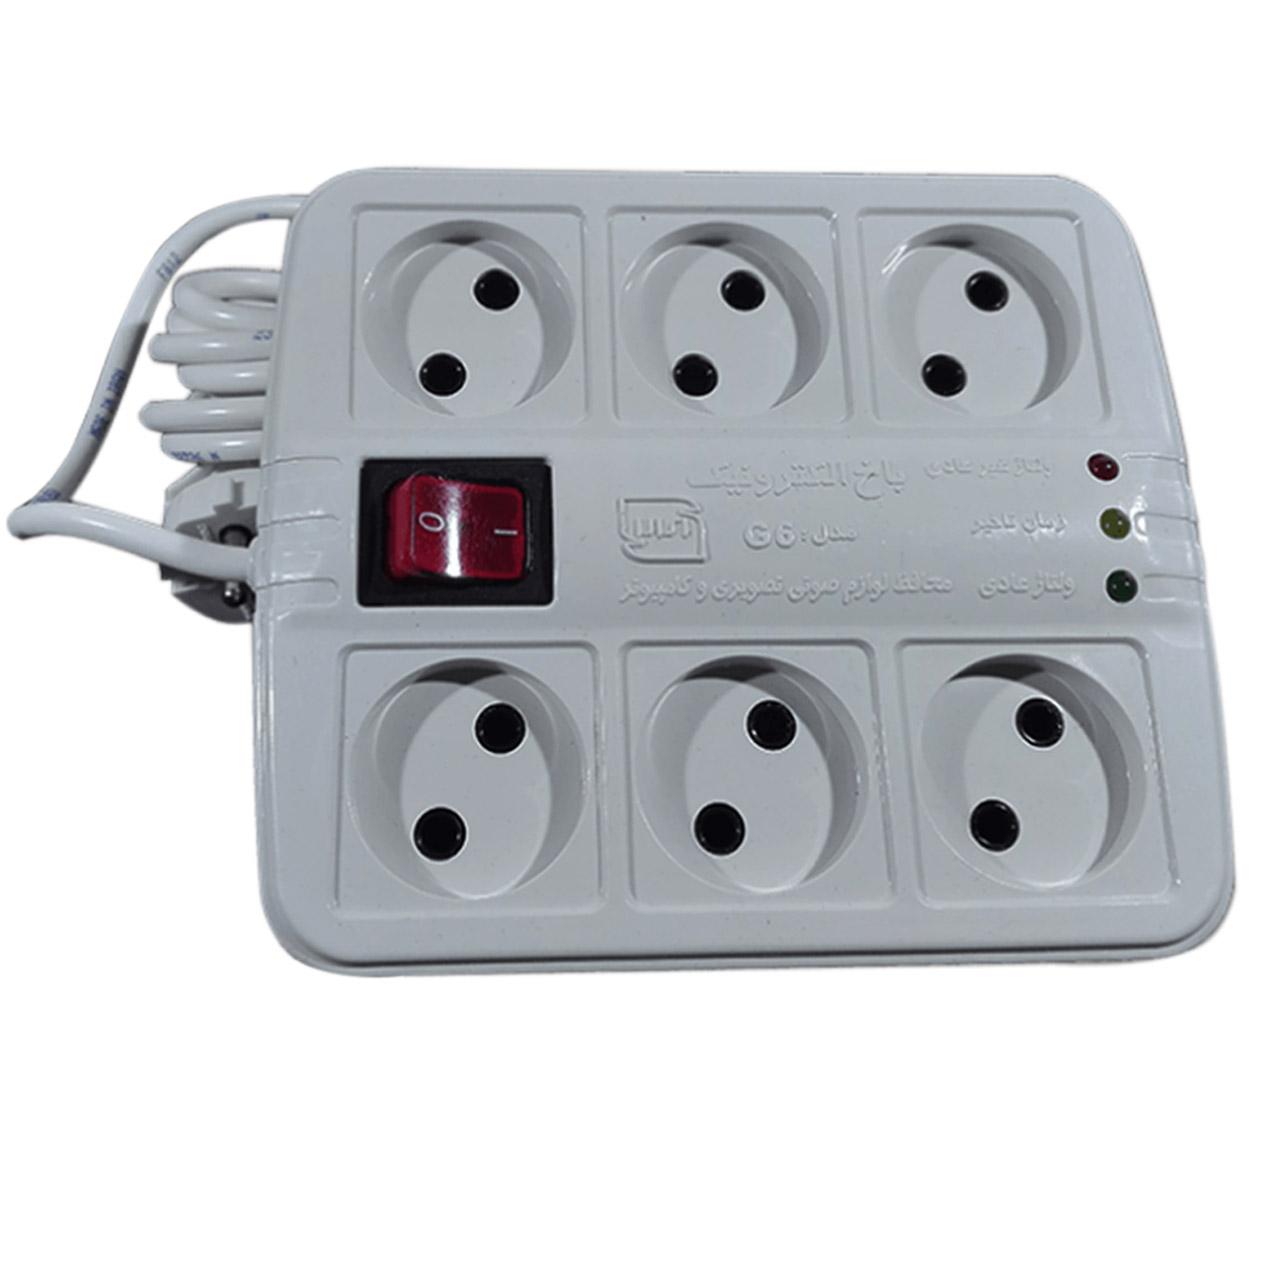 خرید اینترنتی محافظ ولتاژ باخ الکترونیک مدل G6 اورجینال